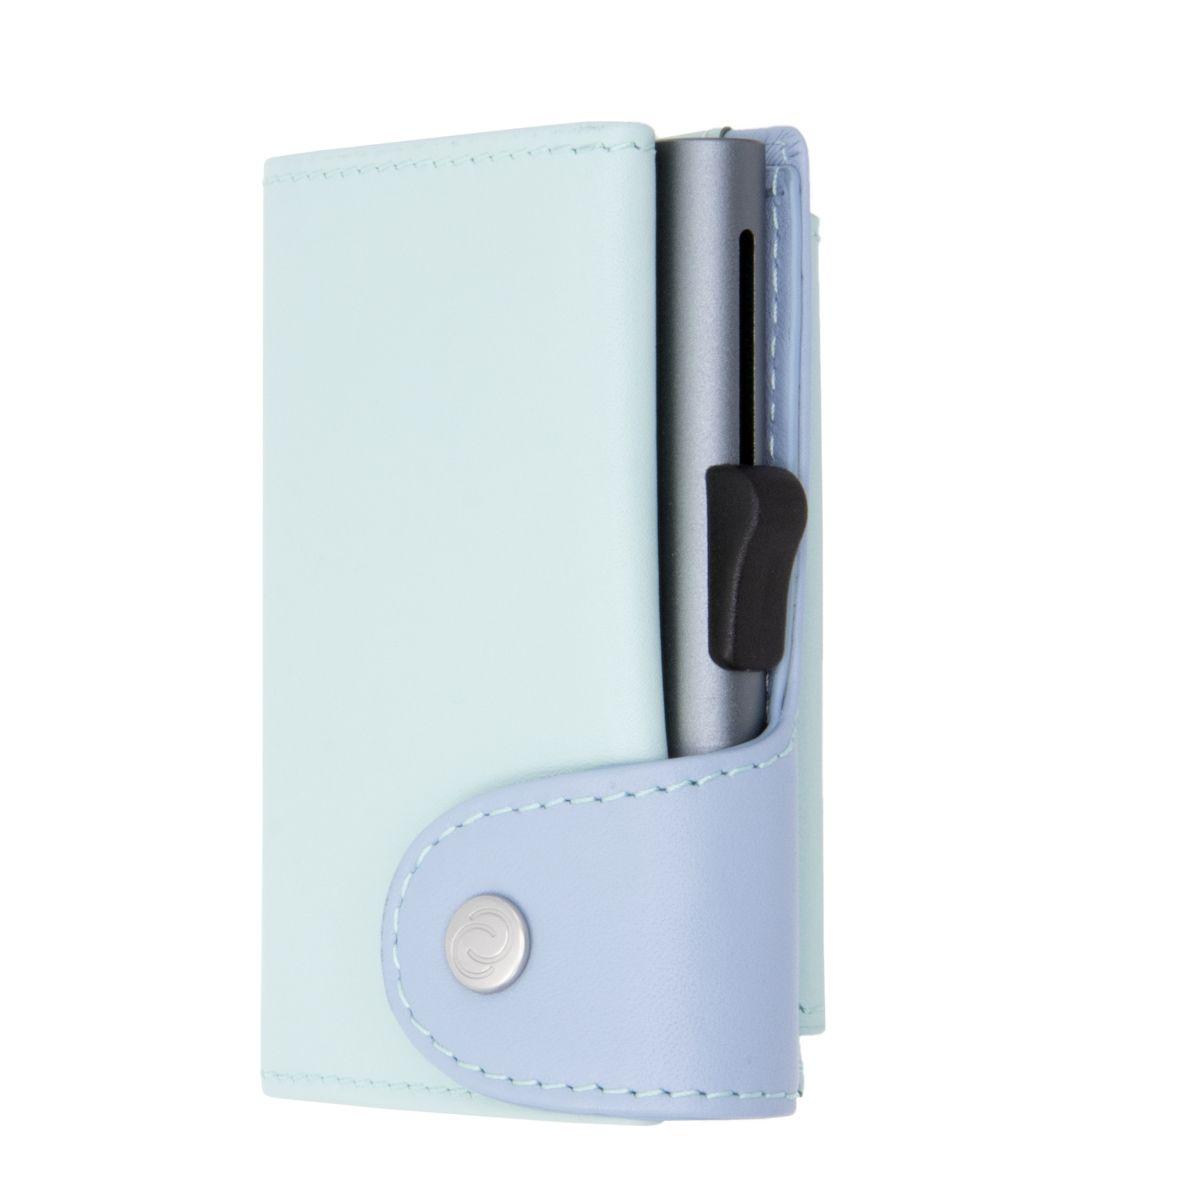 C-Secure ארנק אלומיניום XL בשילוב עור איטלקי עם תא למטבעות - טורקיז\כחול